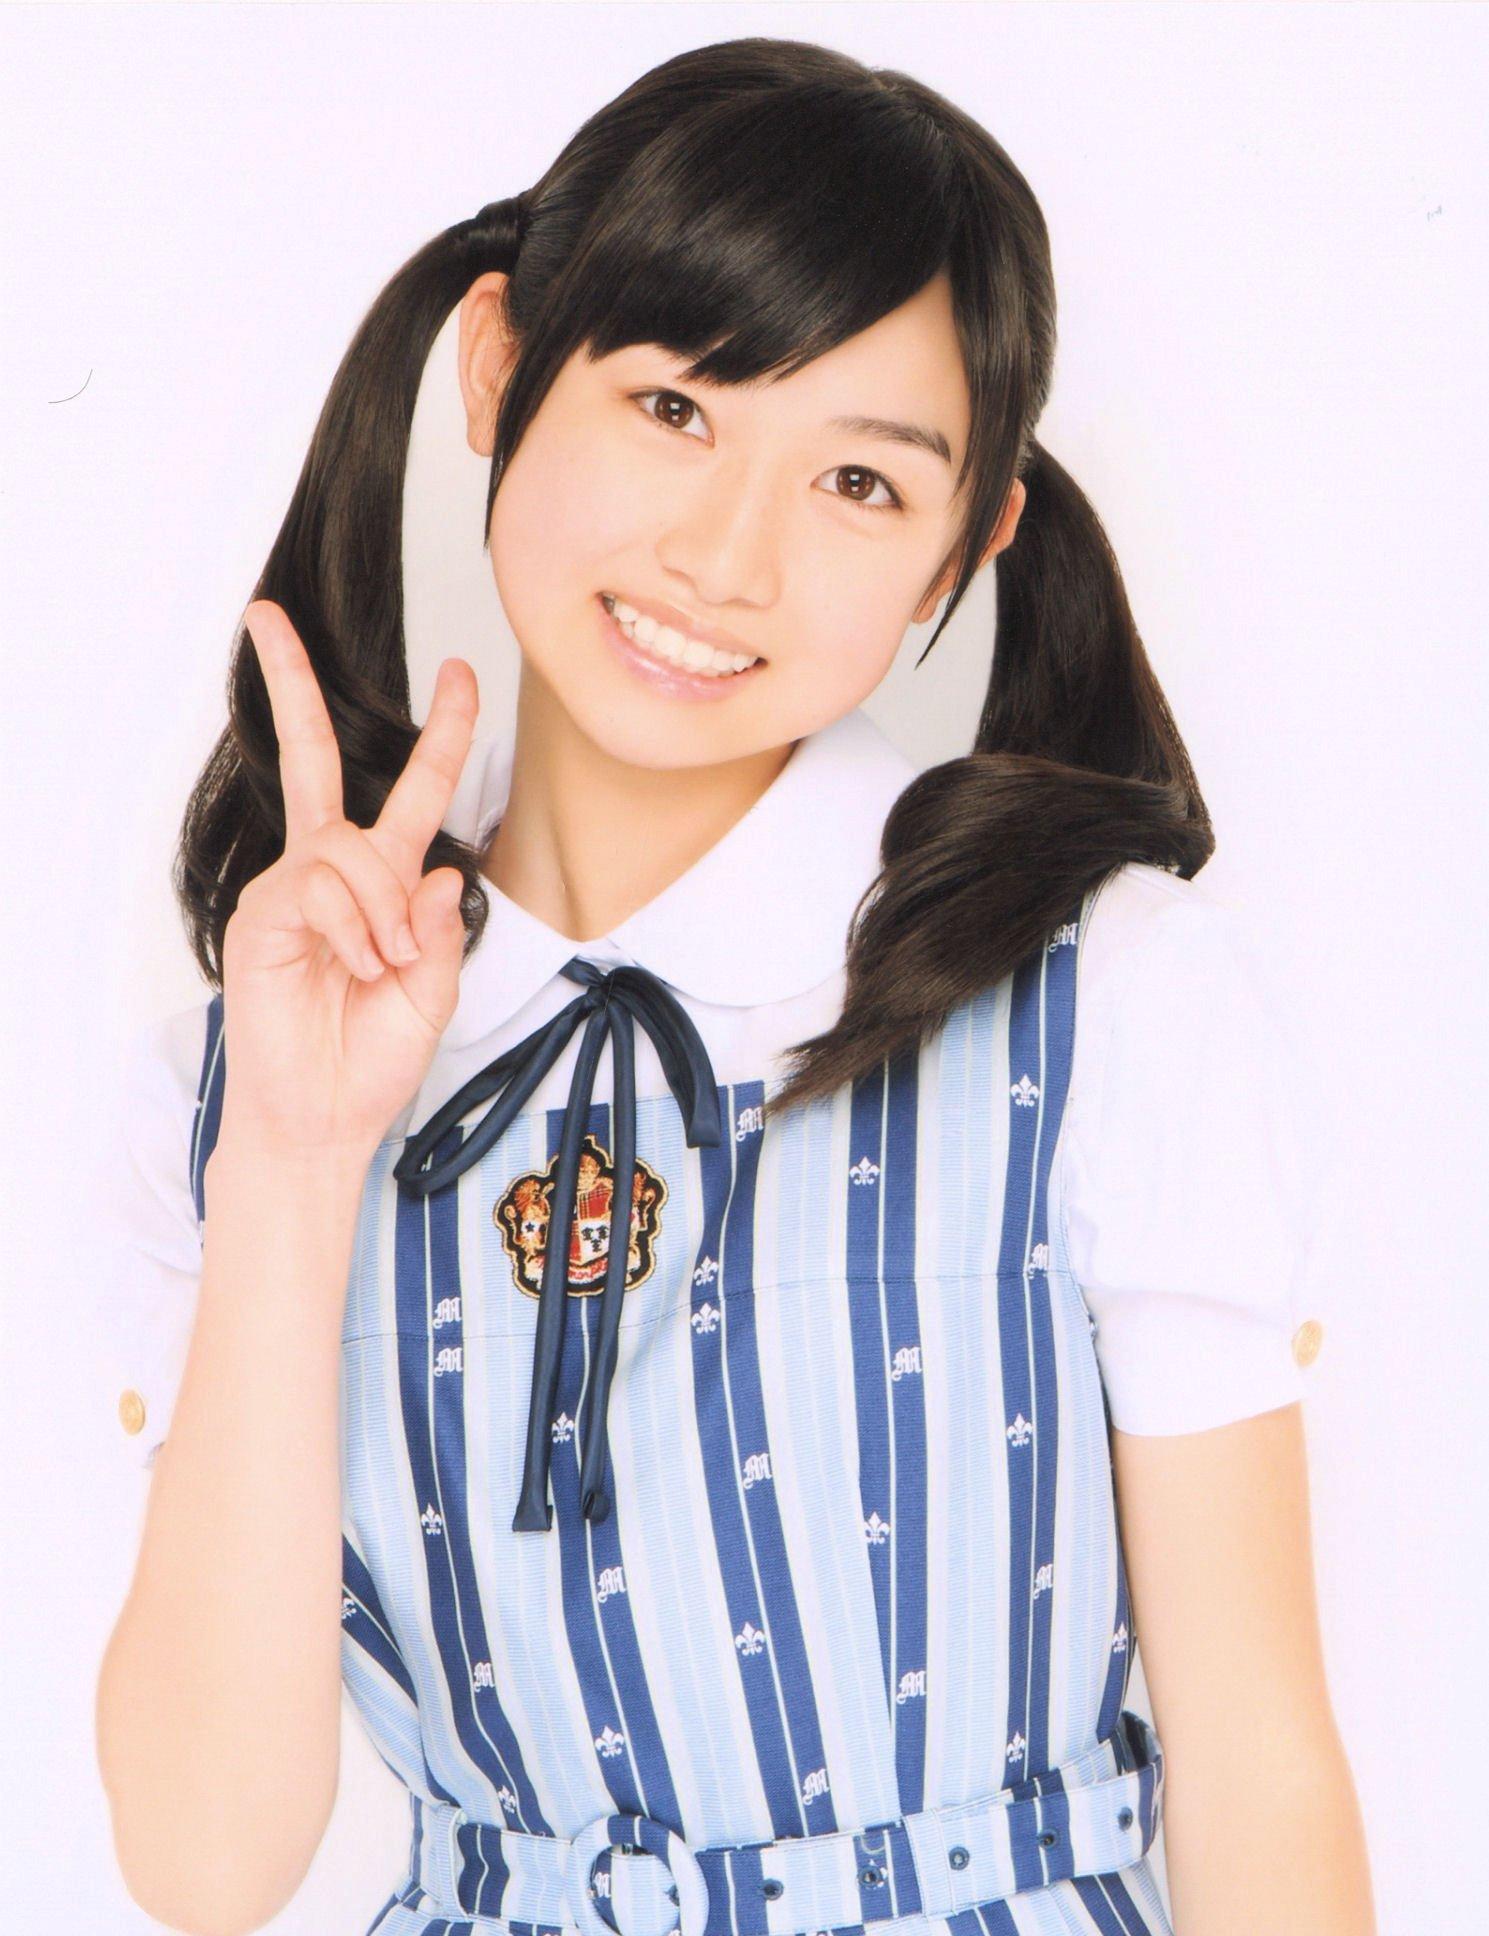 Rika Nagasawa 알몸의 79